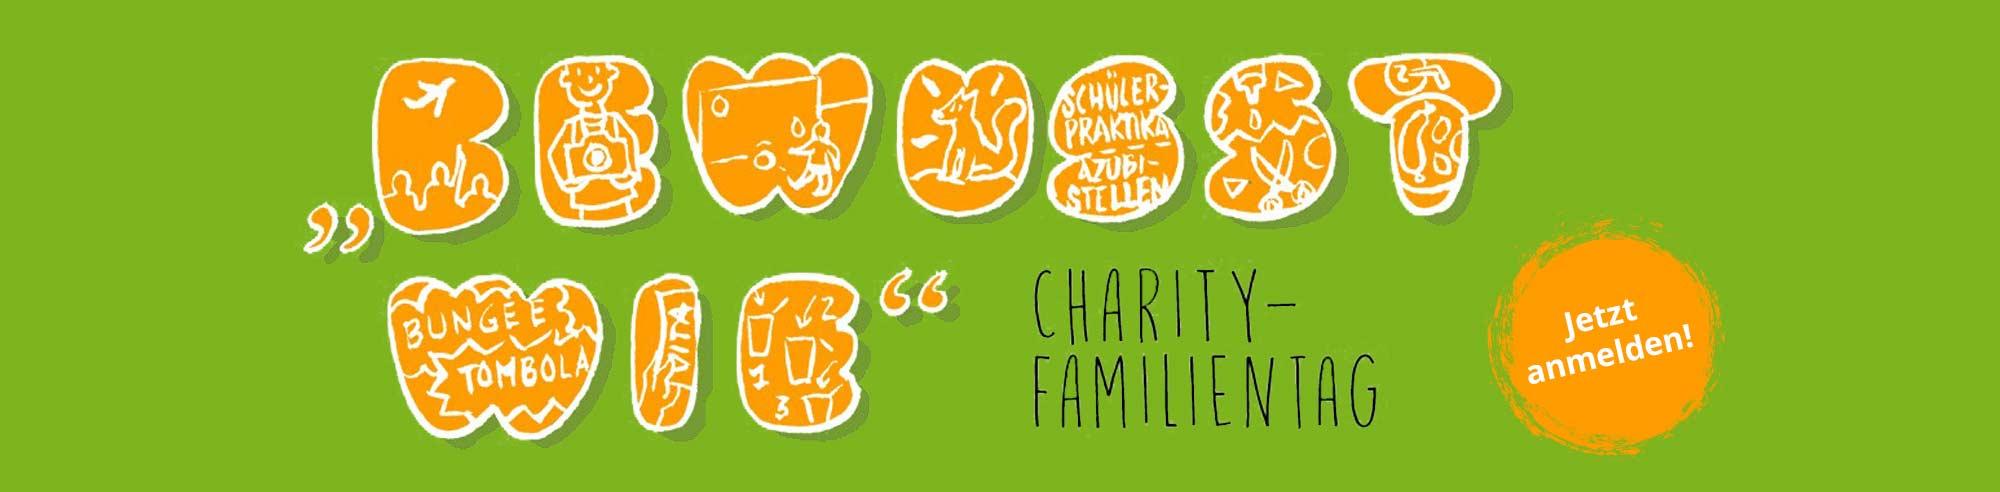 Dtm desktop slider charitytag18